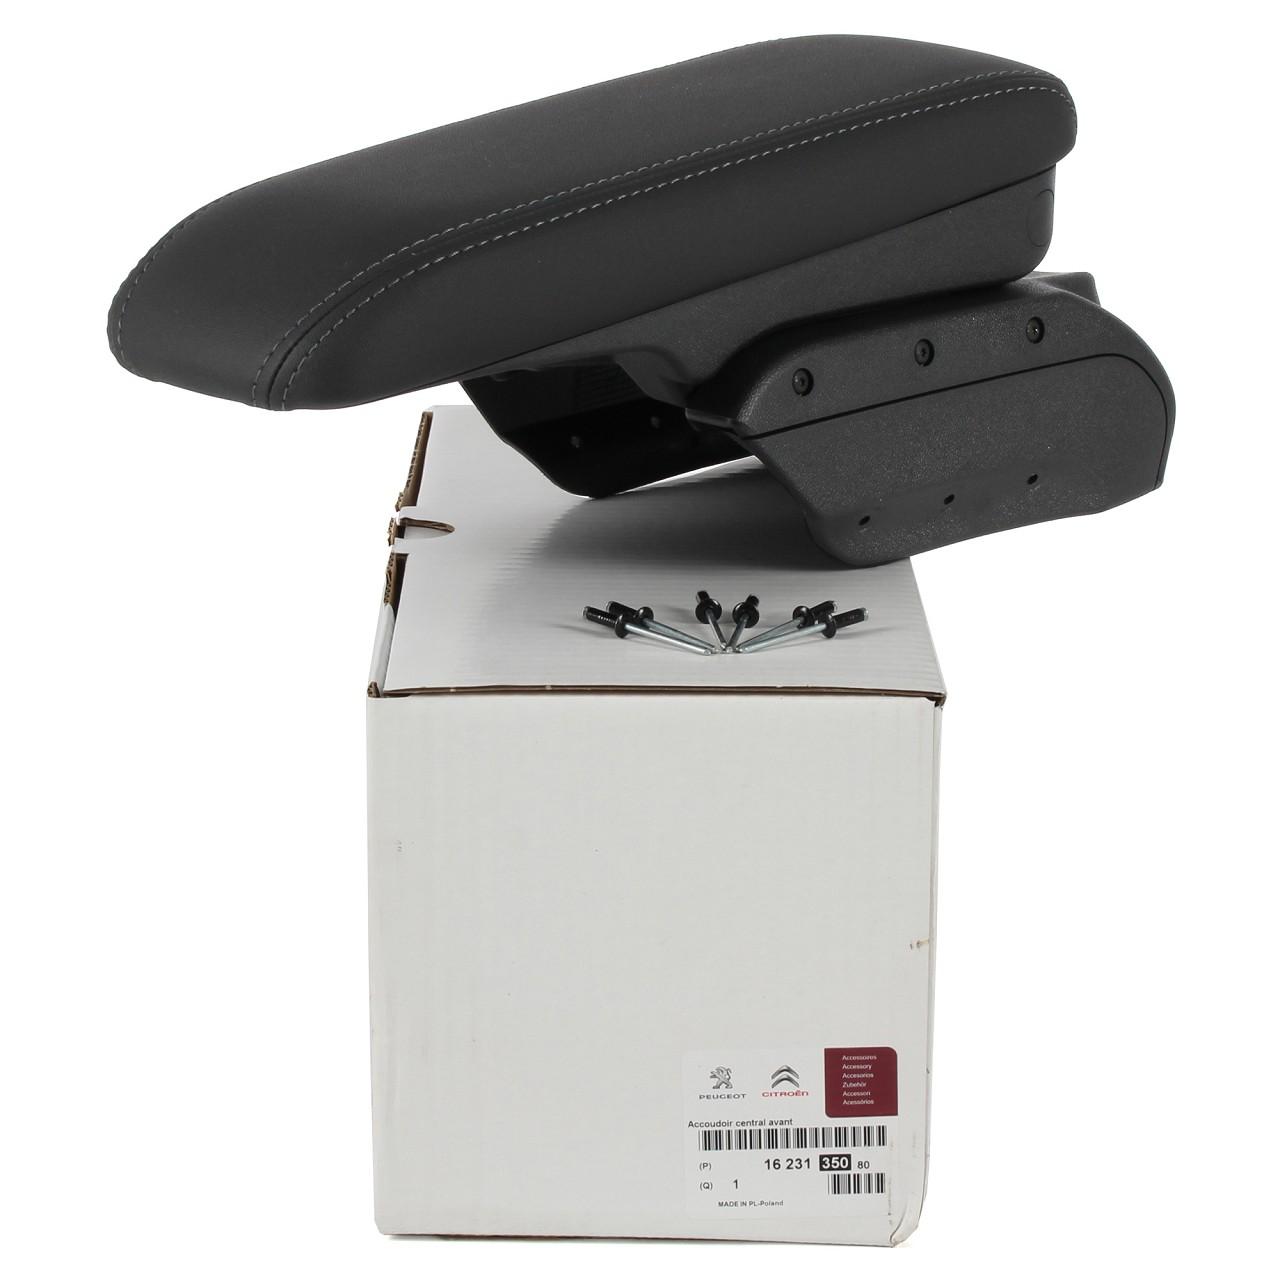 ORIGINAL Peugeot Armlehne Mittelarmlehne SCHWARZ / GRAU 1623135080 für 2008